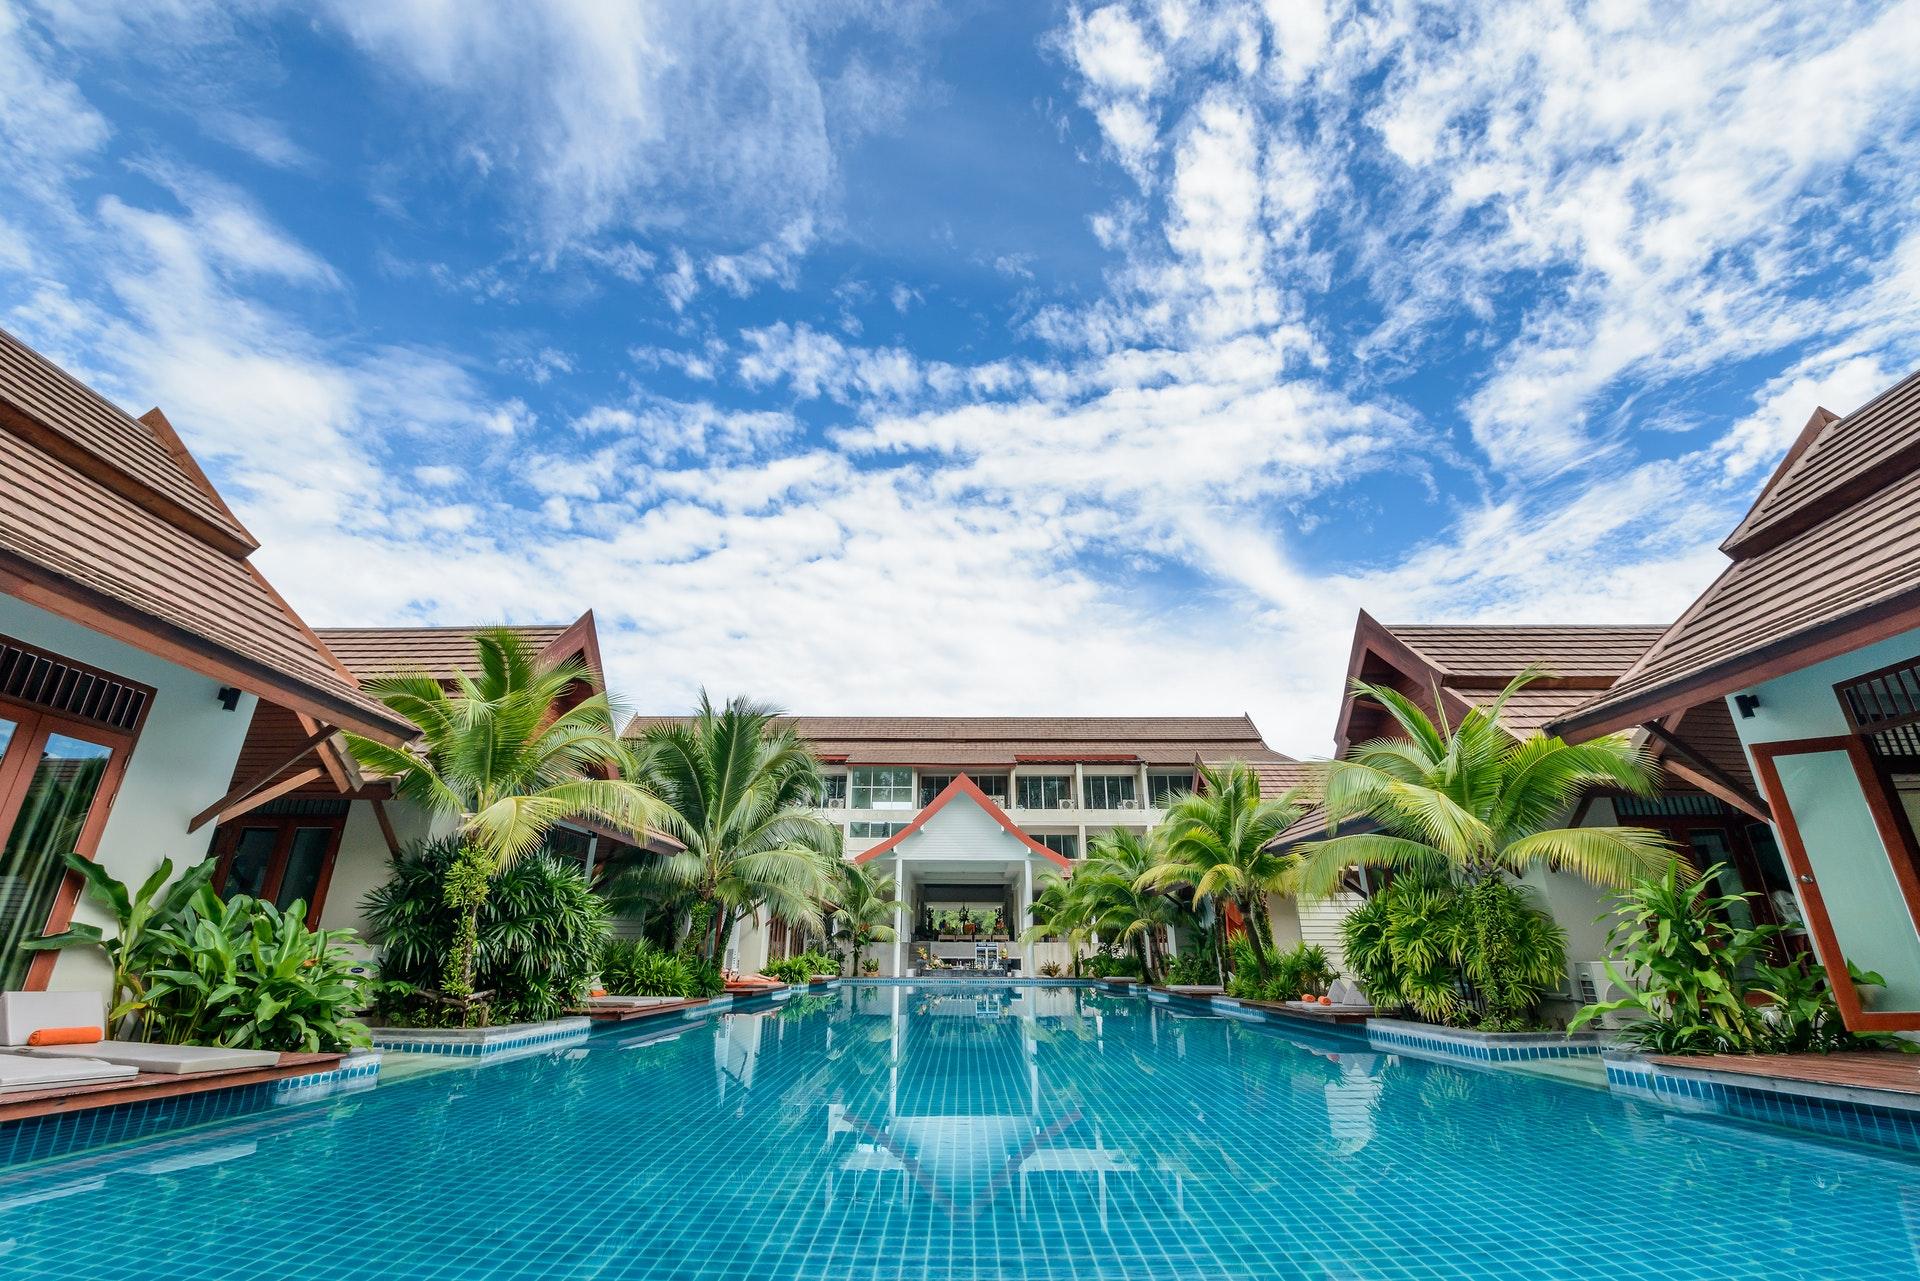 Vemos um hotel com uma grande piscina (imagem ilustrativa). Texto: franquia accorhotels.